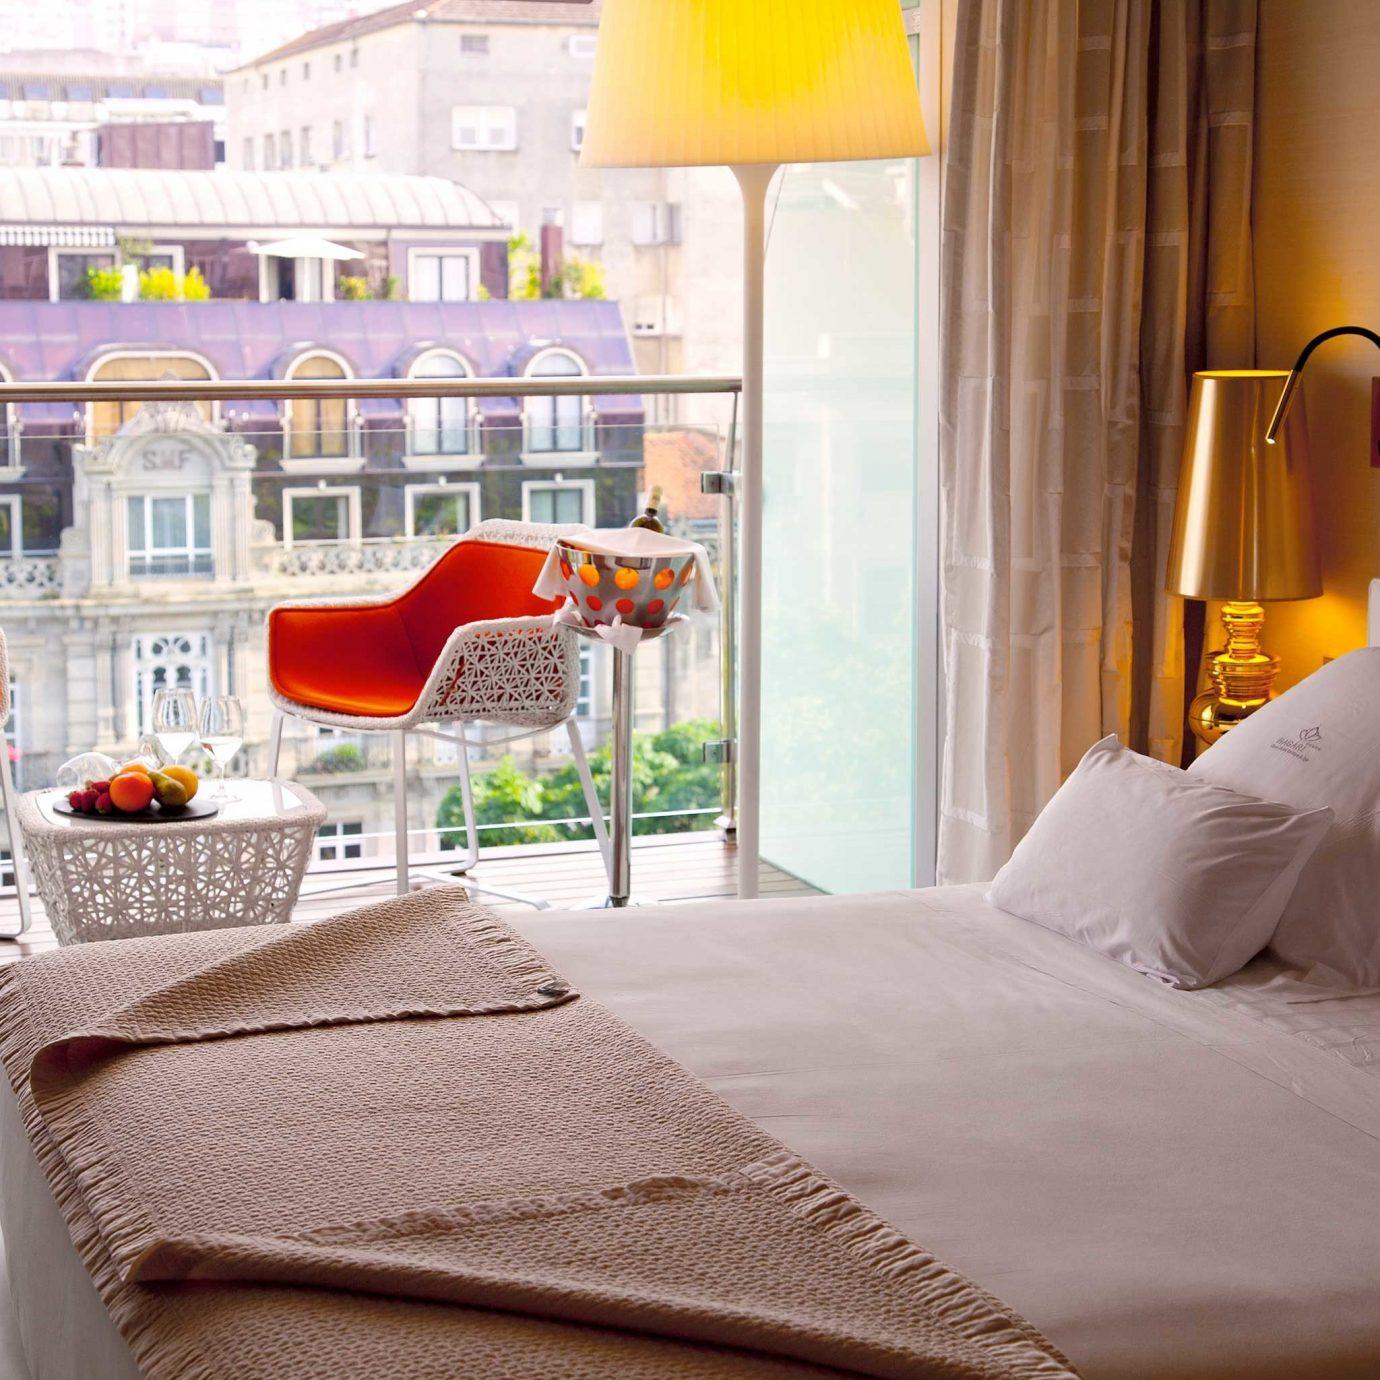 Balcony Bedroom Elegant Hip Luxury Modern Scenic views Suite property yellow orange